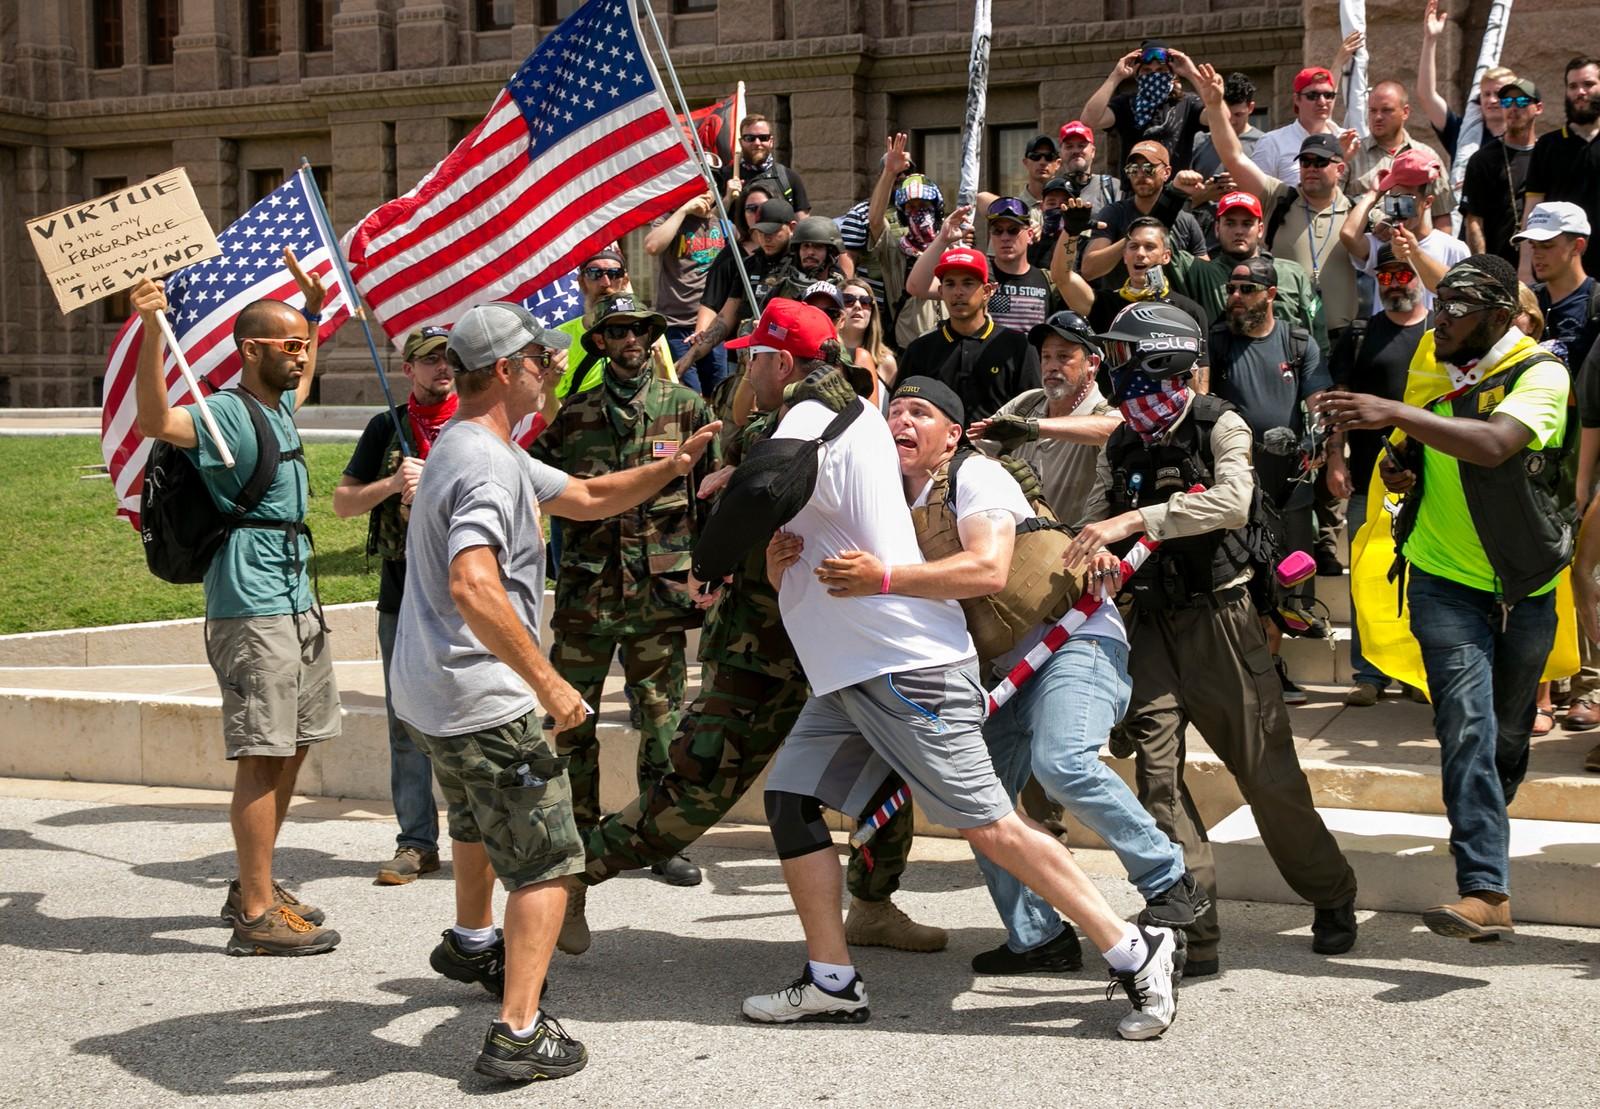 Trump, for (til høyre) eller mot (til venstre). Den kampen virker ikke å være helt over, i hvert fall ikke om vi skal tolke dette bildet. Tilhengere fra de ulike leirene barka sammen i Austin, Texas søndag.